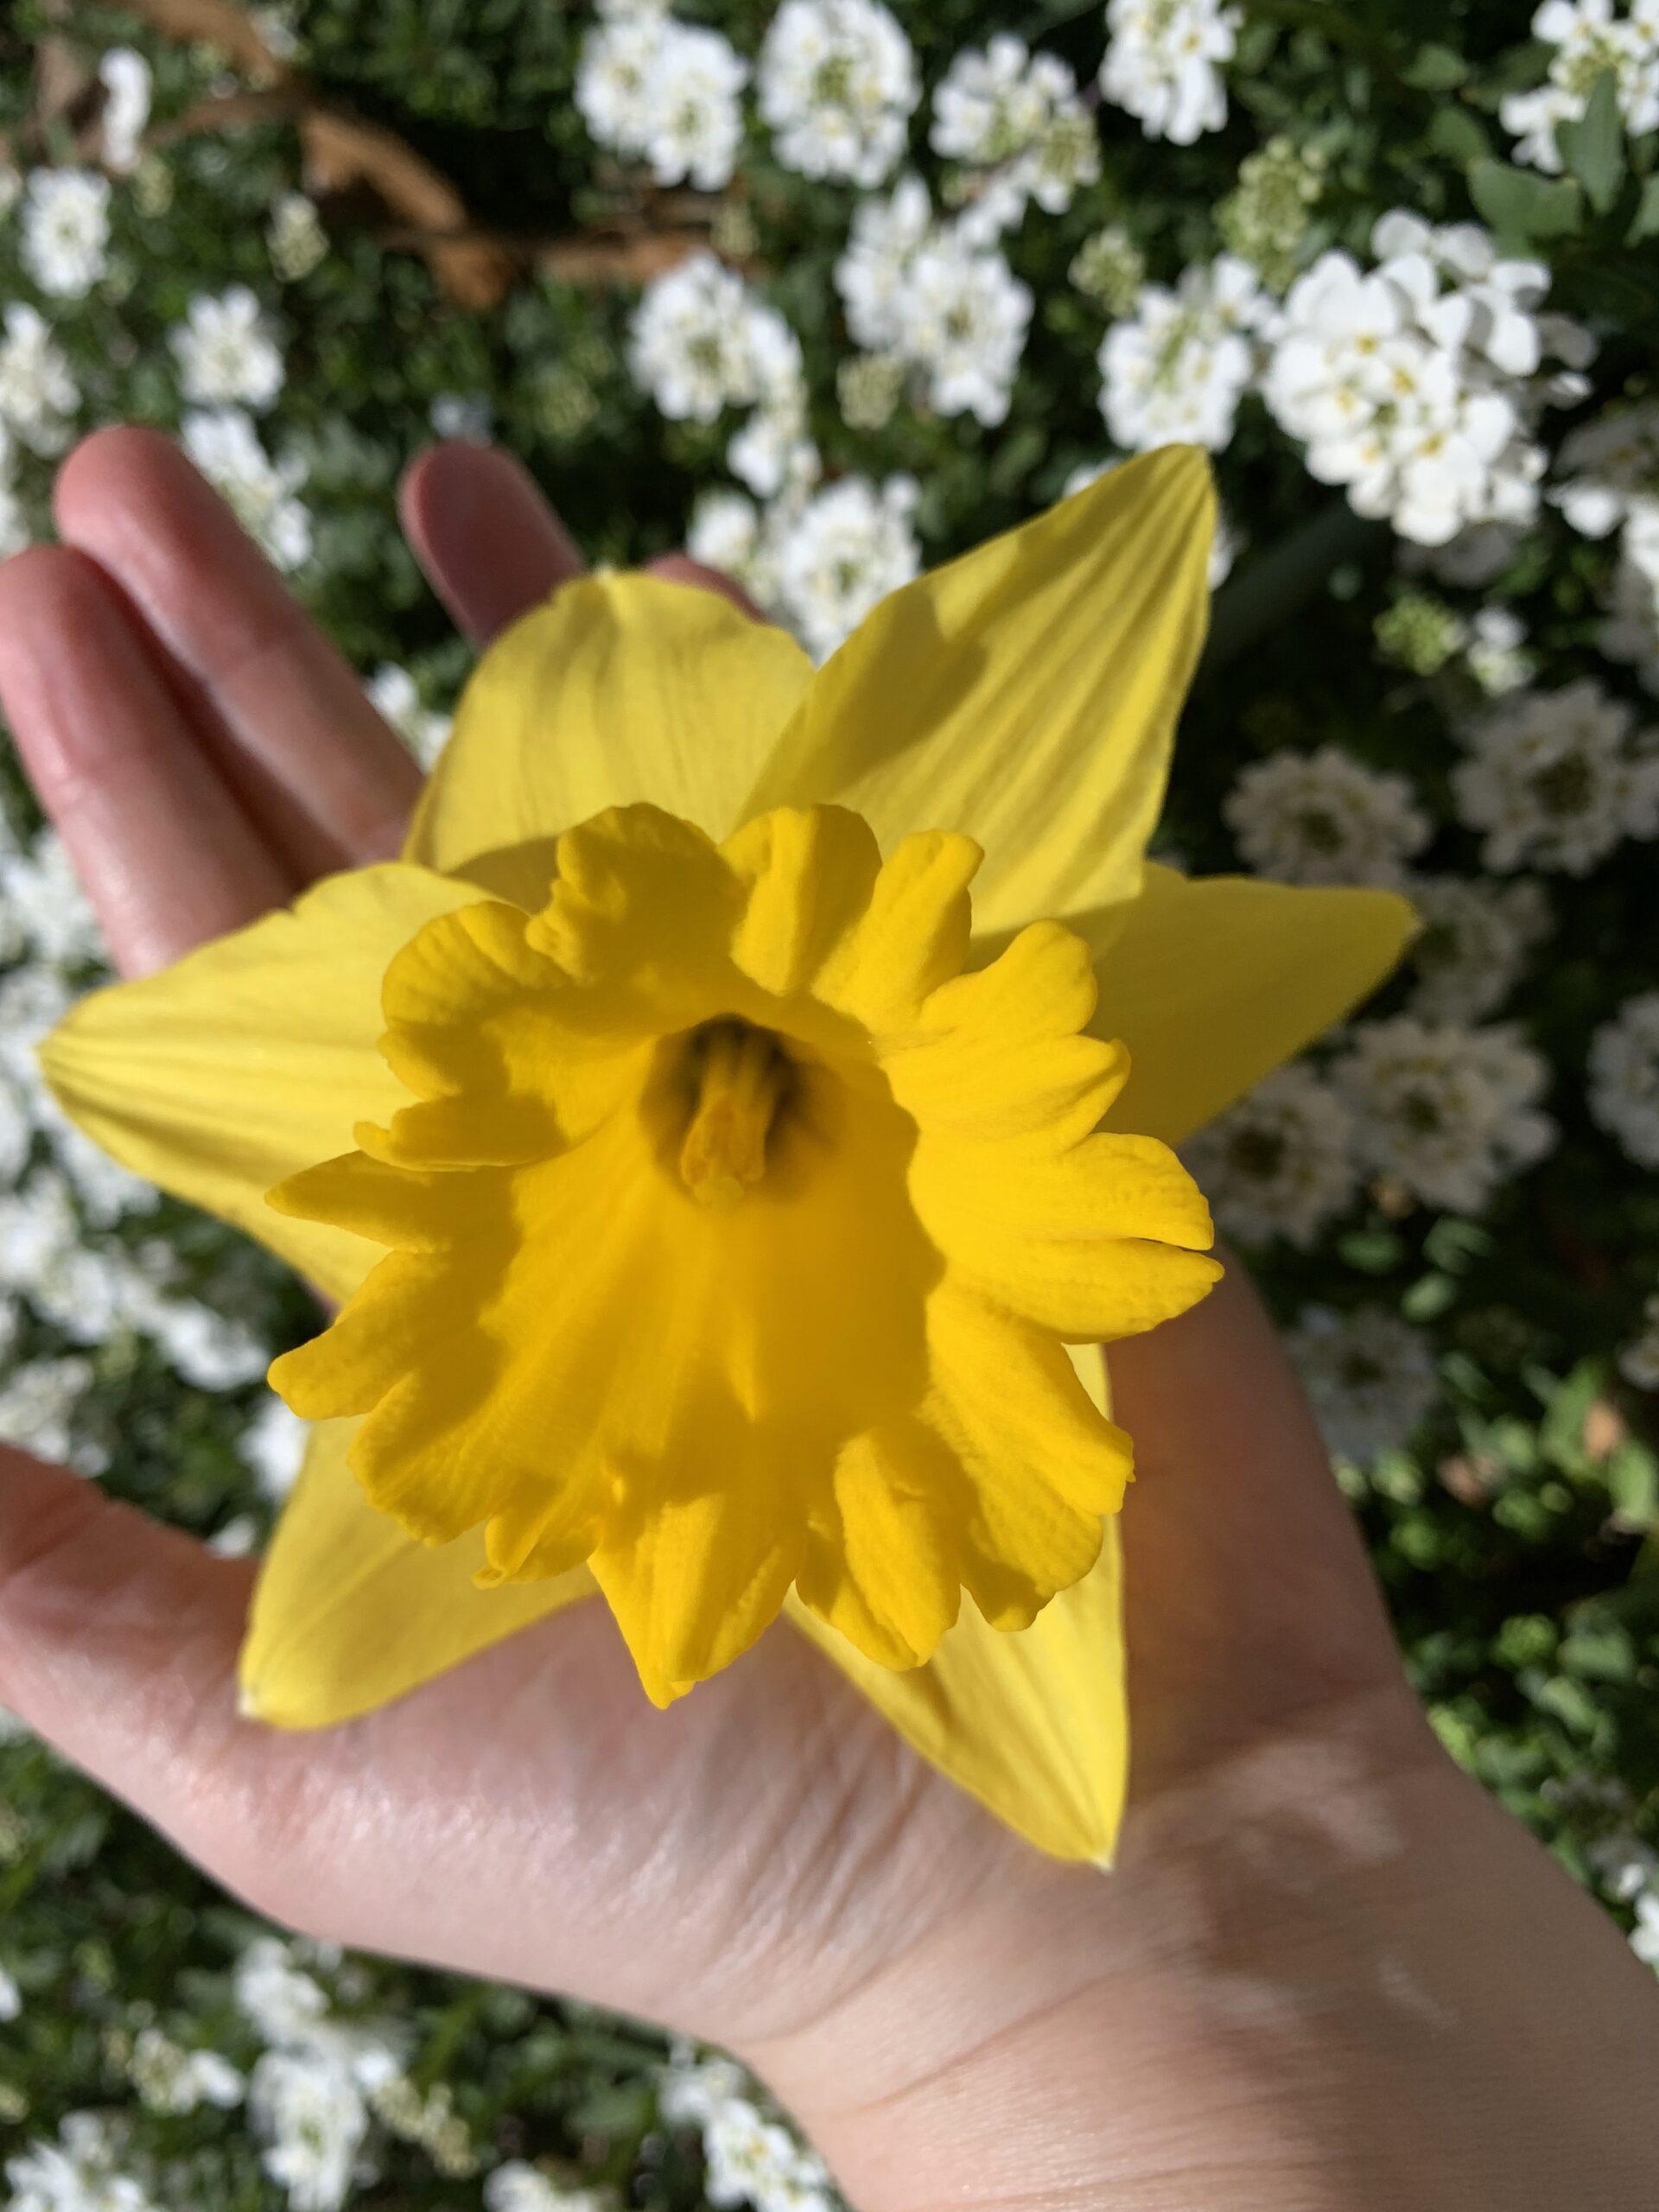 img 4952 scaled Daffodils!